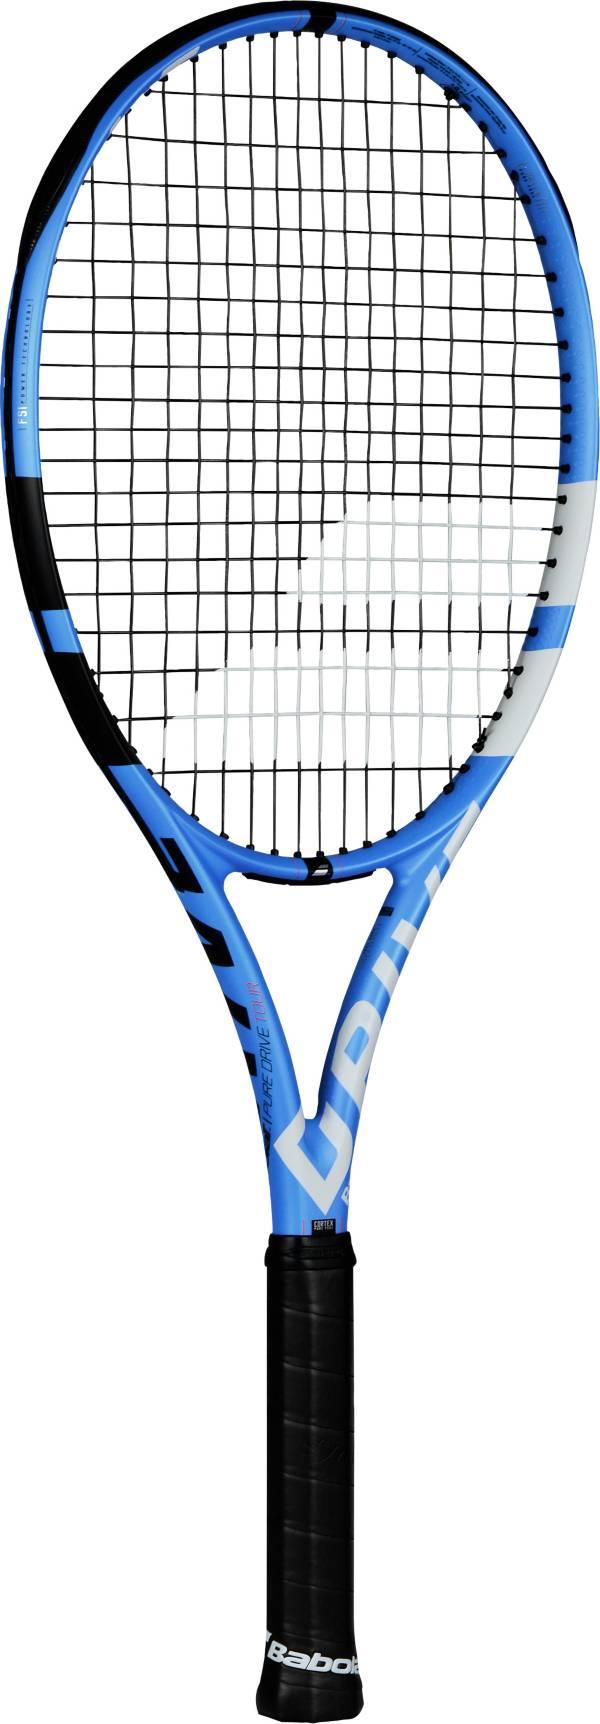 Bablolat Pure Drive Tour Tennis Racquet - Unstrung product image